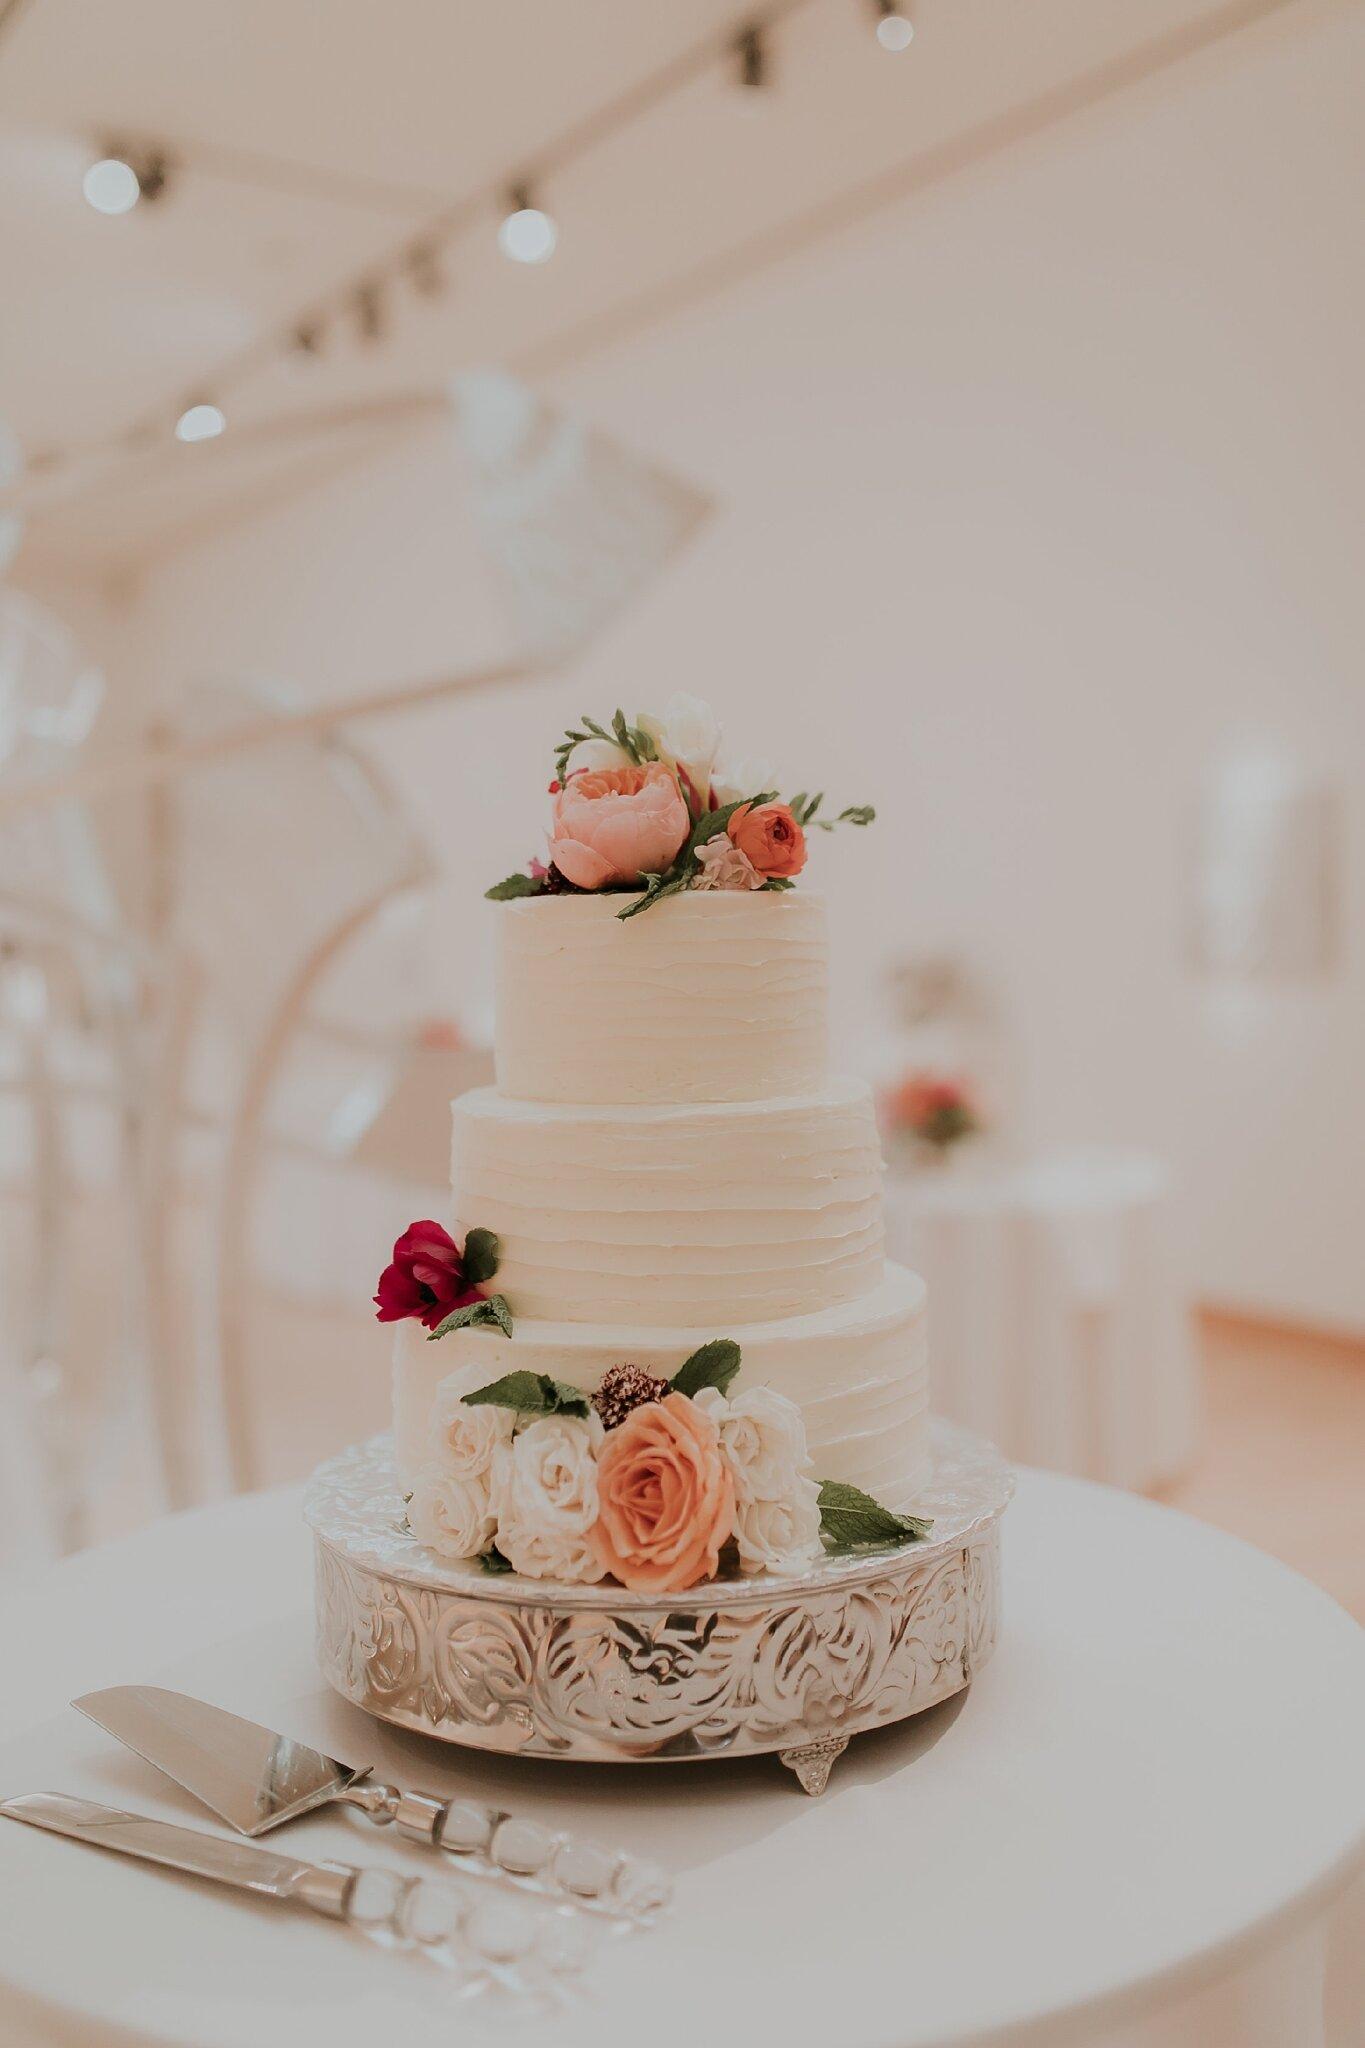 Alicia+lucia+photography+-+albuquerque+wedding+photographer+-+santa+fe+wedding+photography+-+new+mexico+wedding+photographer+-+new+mexico+wedding+-+wedding+-+wedding+cakes+-+flroal+cake+-+santa+fe+cake+-+santa+fe+baker_0019.jpg